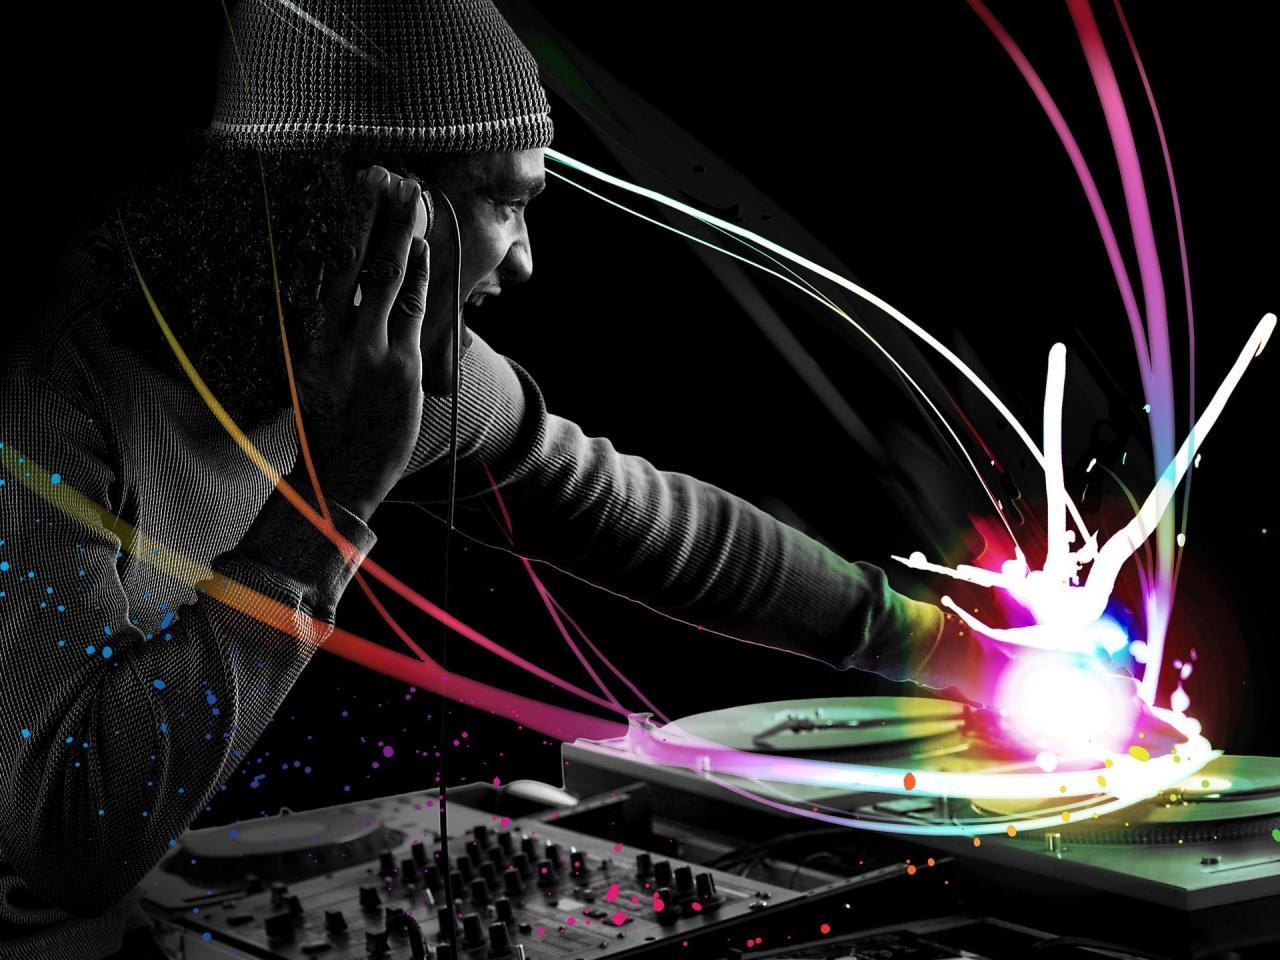 1920x1440 Music - DJ Wallpaper